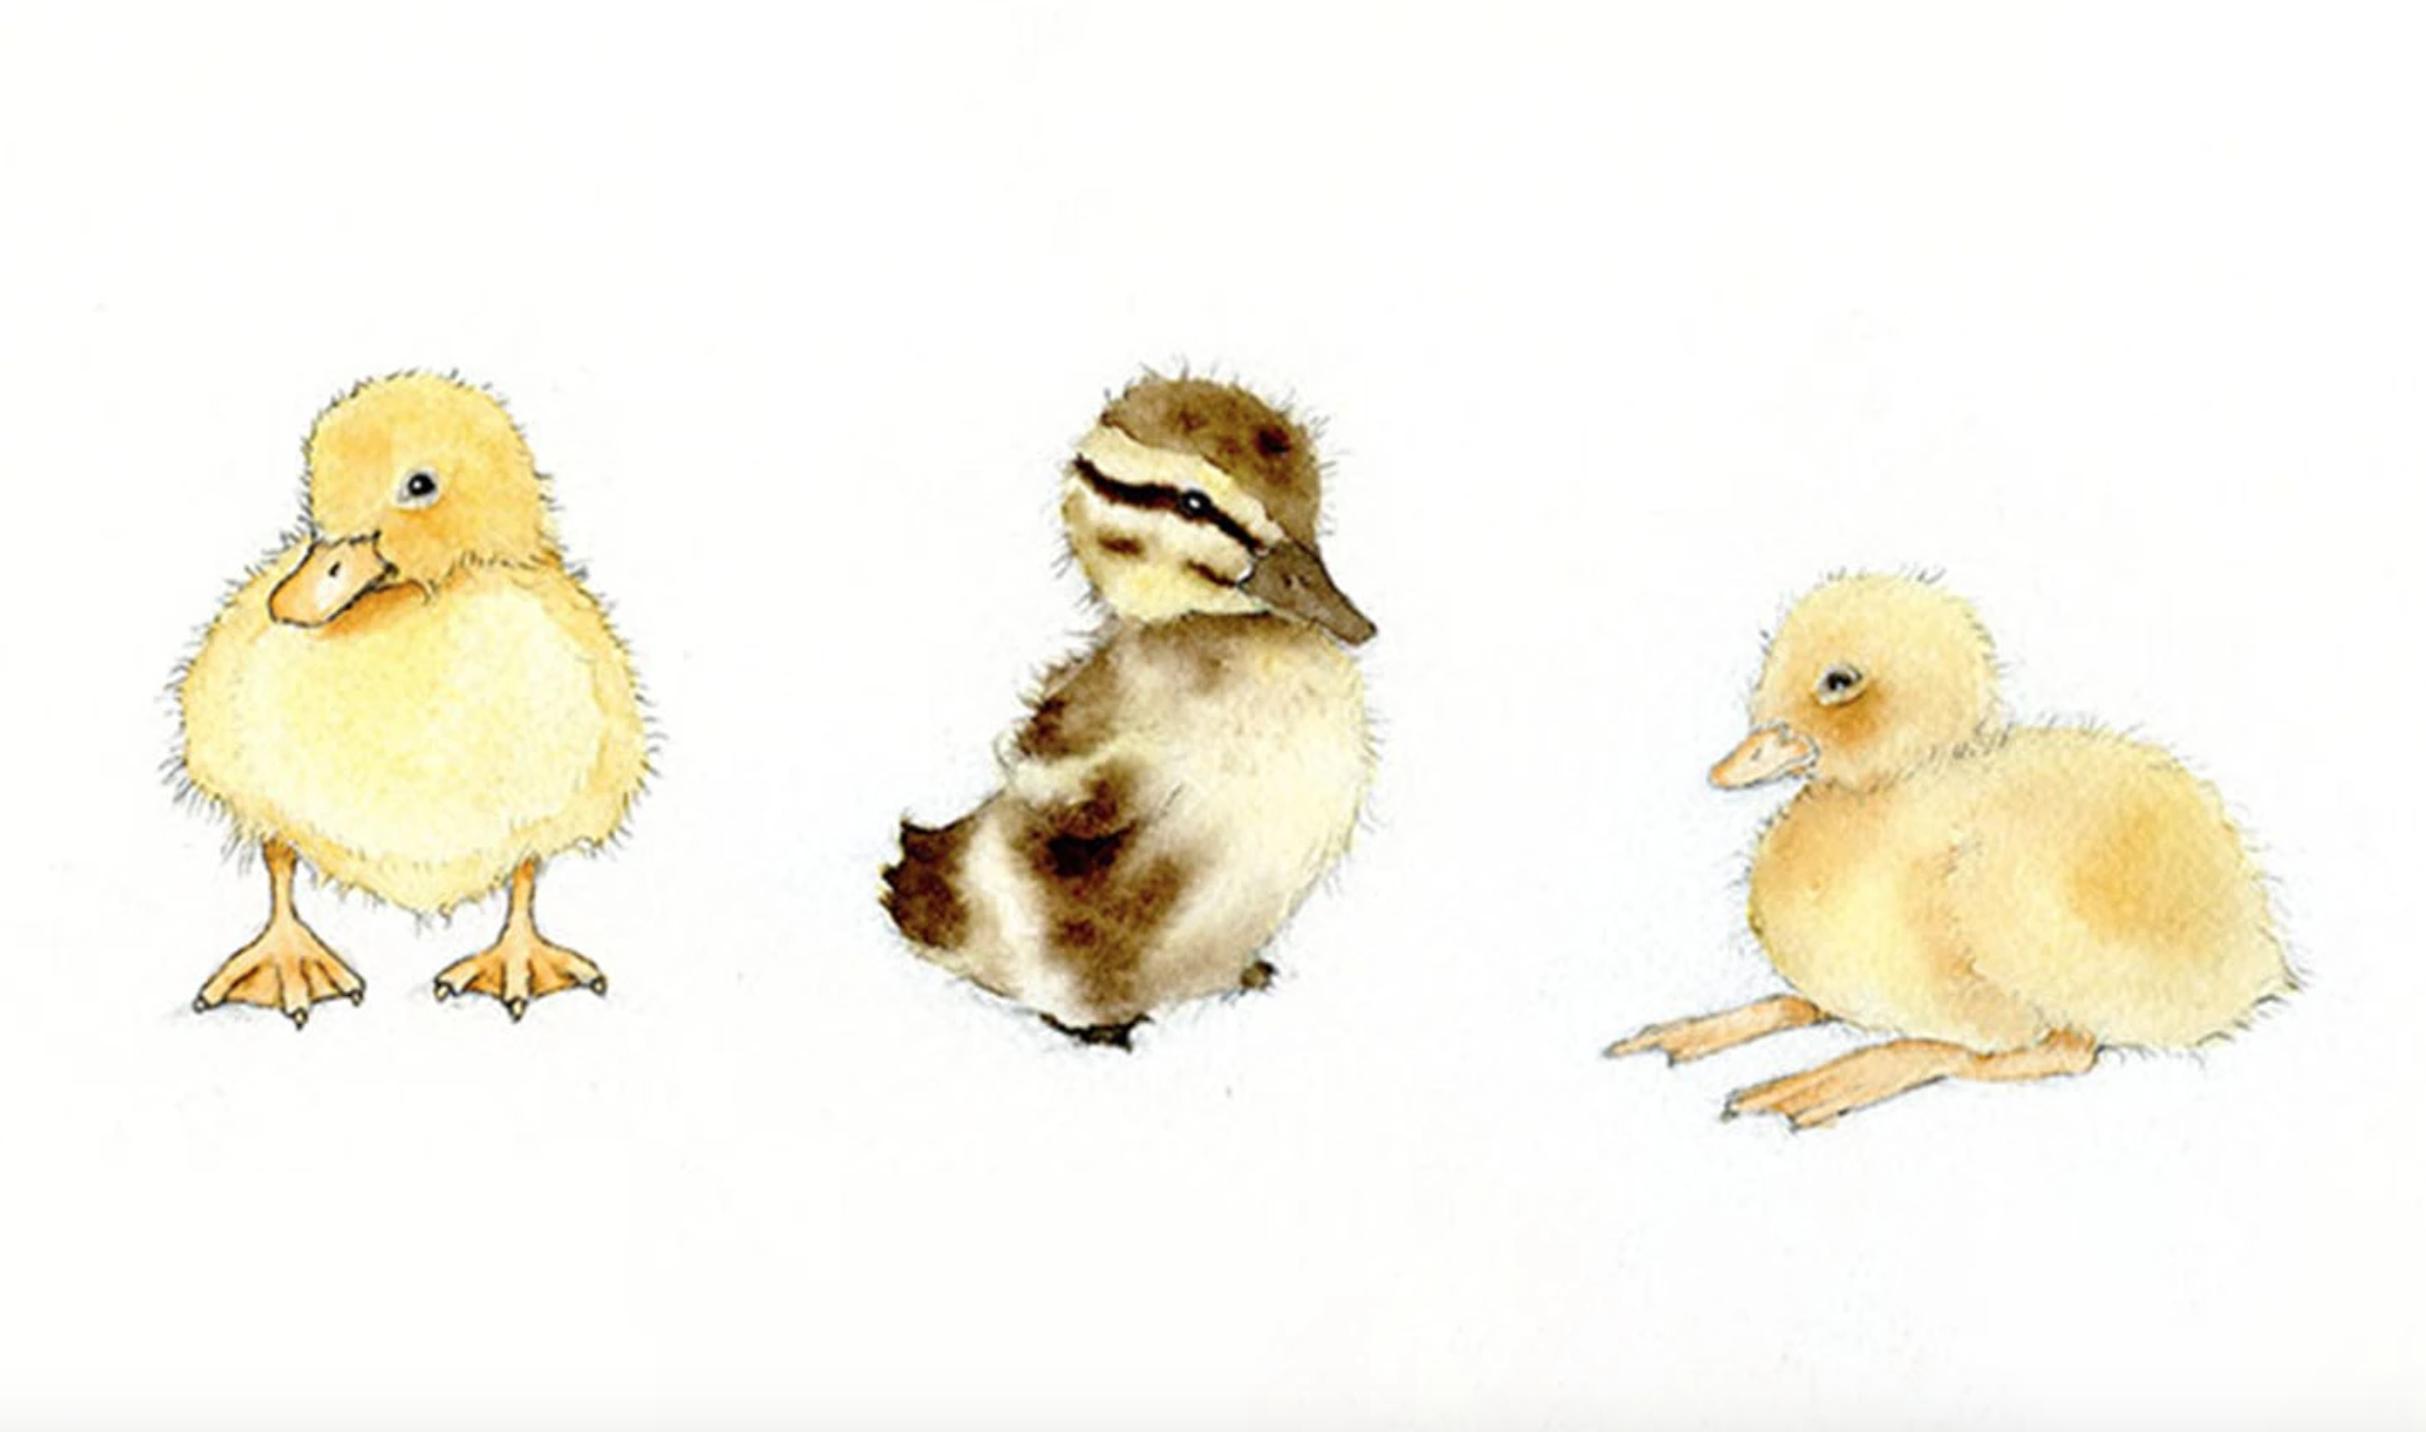 painted ducklings